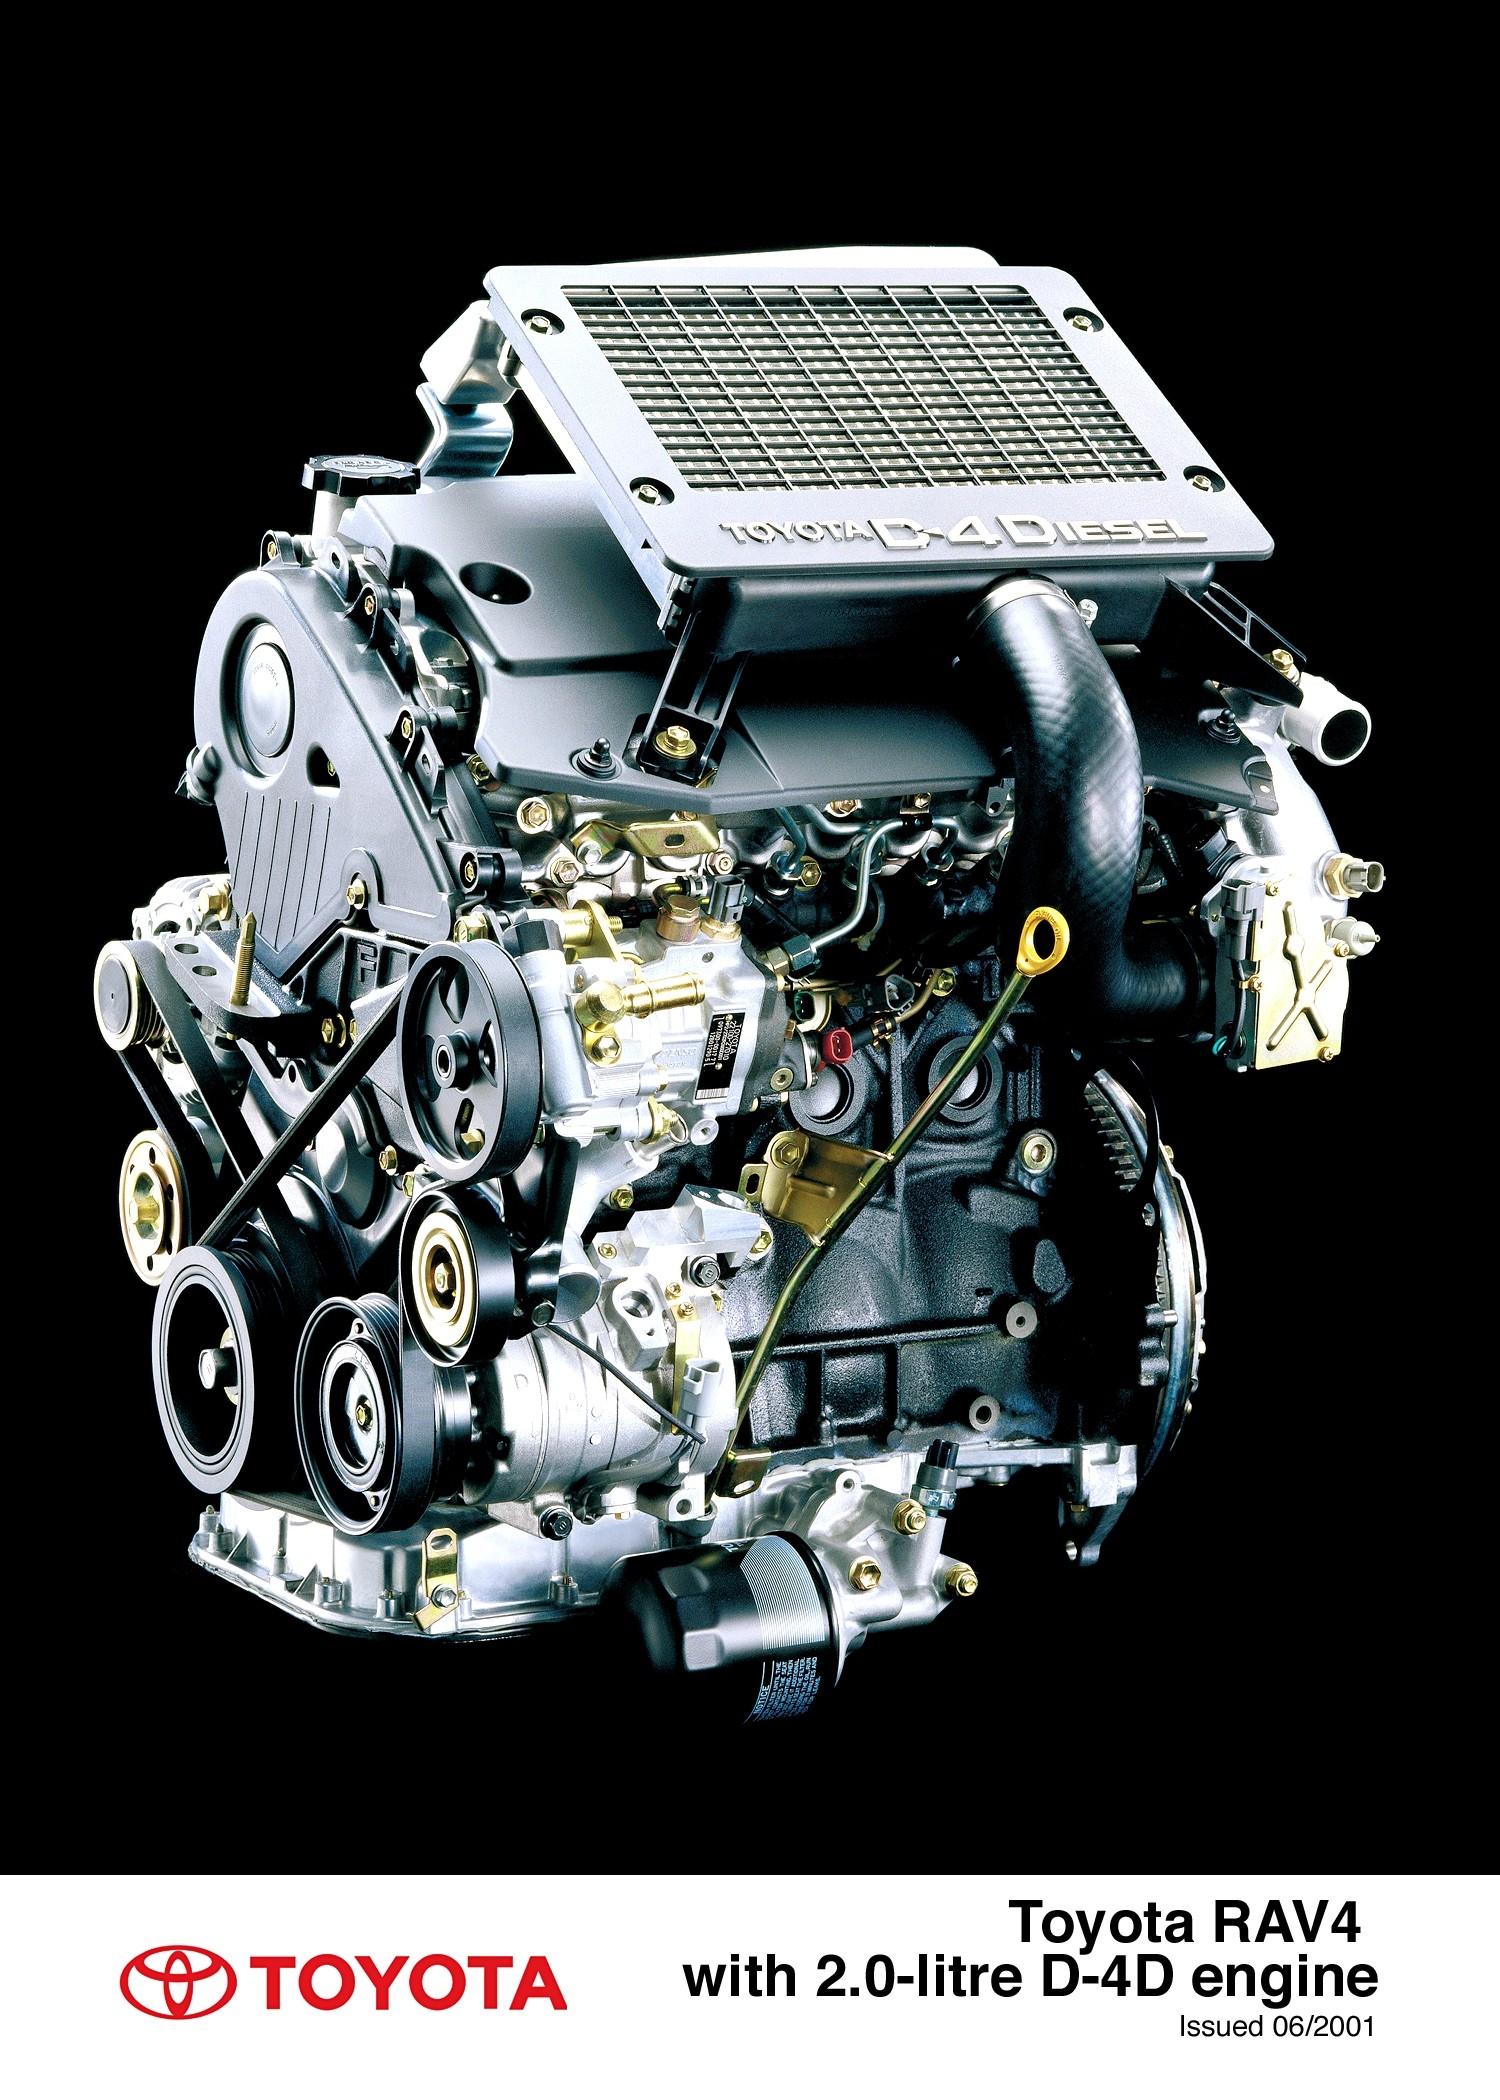 1998 toyota Rav4 Engine Diagram Rav4 Archive toyota Uk Media Site Of 1998 toyota Rav4 Engine Diagram